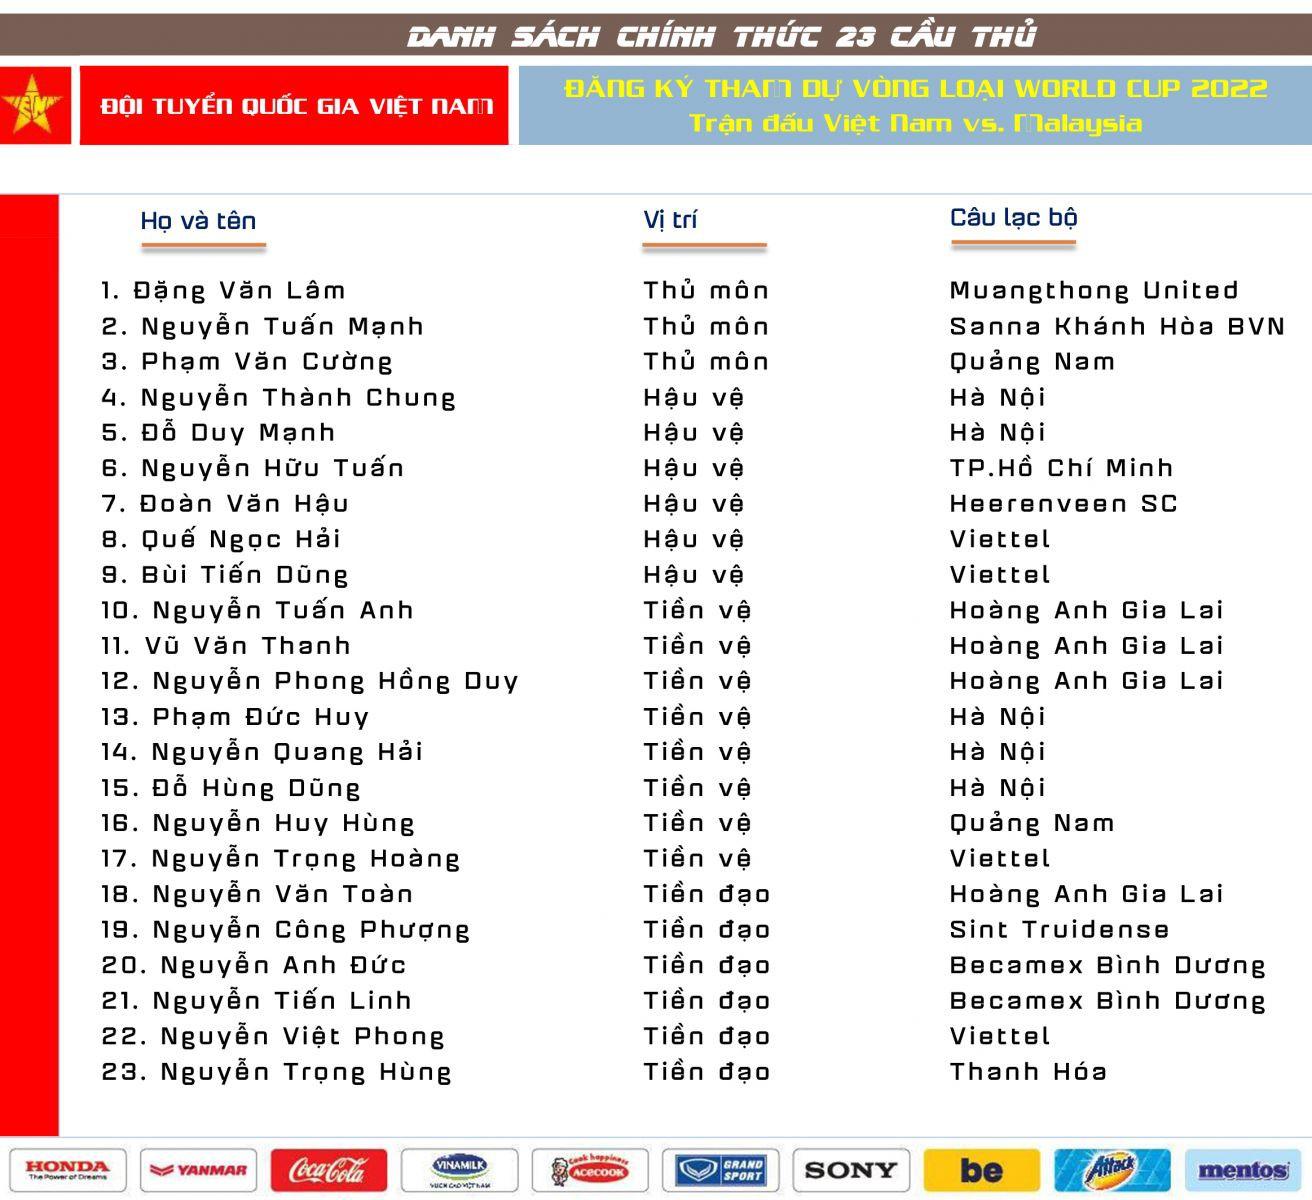 ĐT Việt Nam chốt danh sách 23: Xuân Mạnh, Văn Kiên bị loại - Ảnh 2.